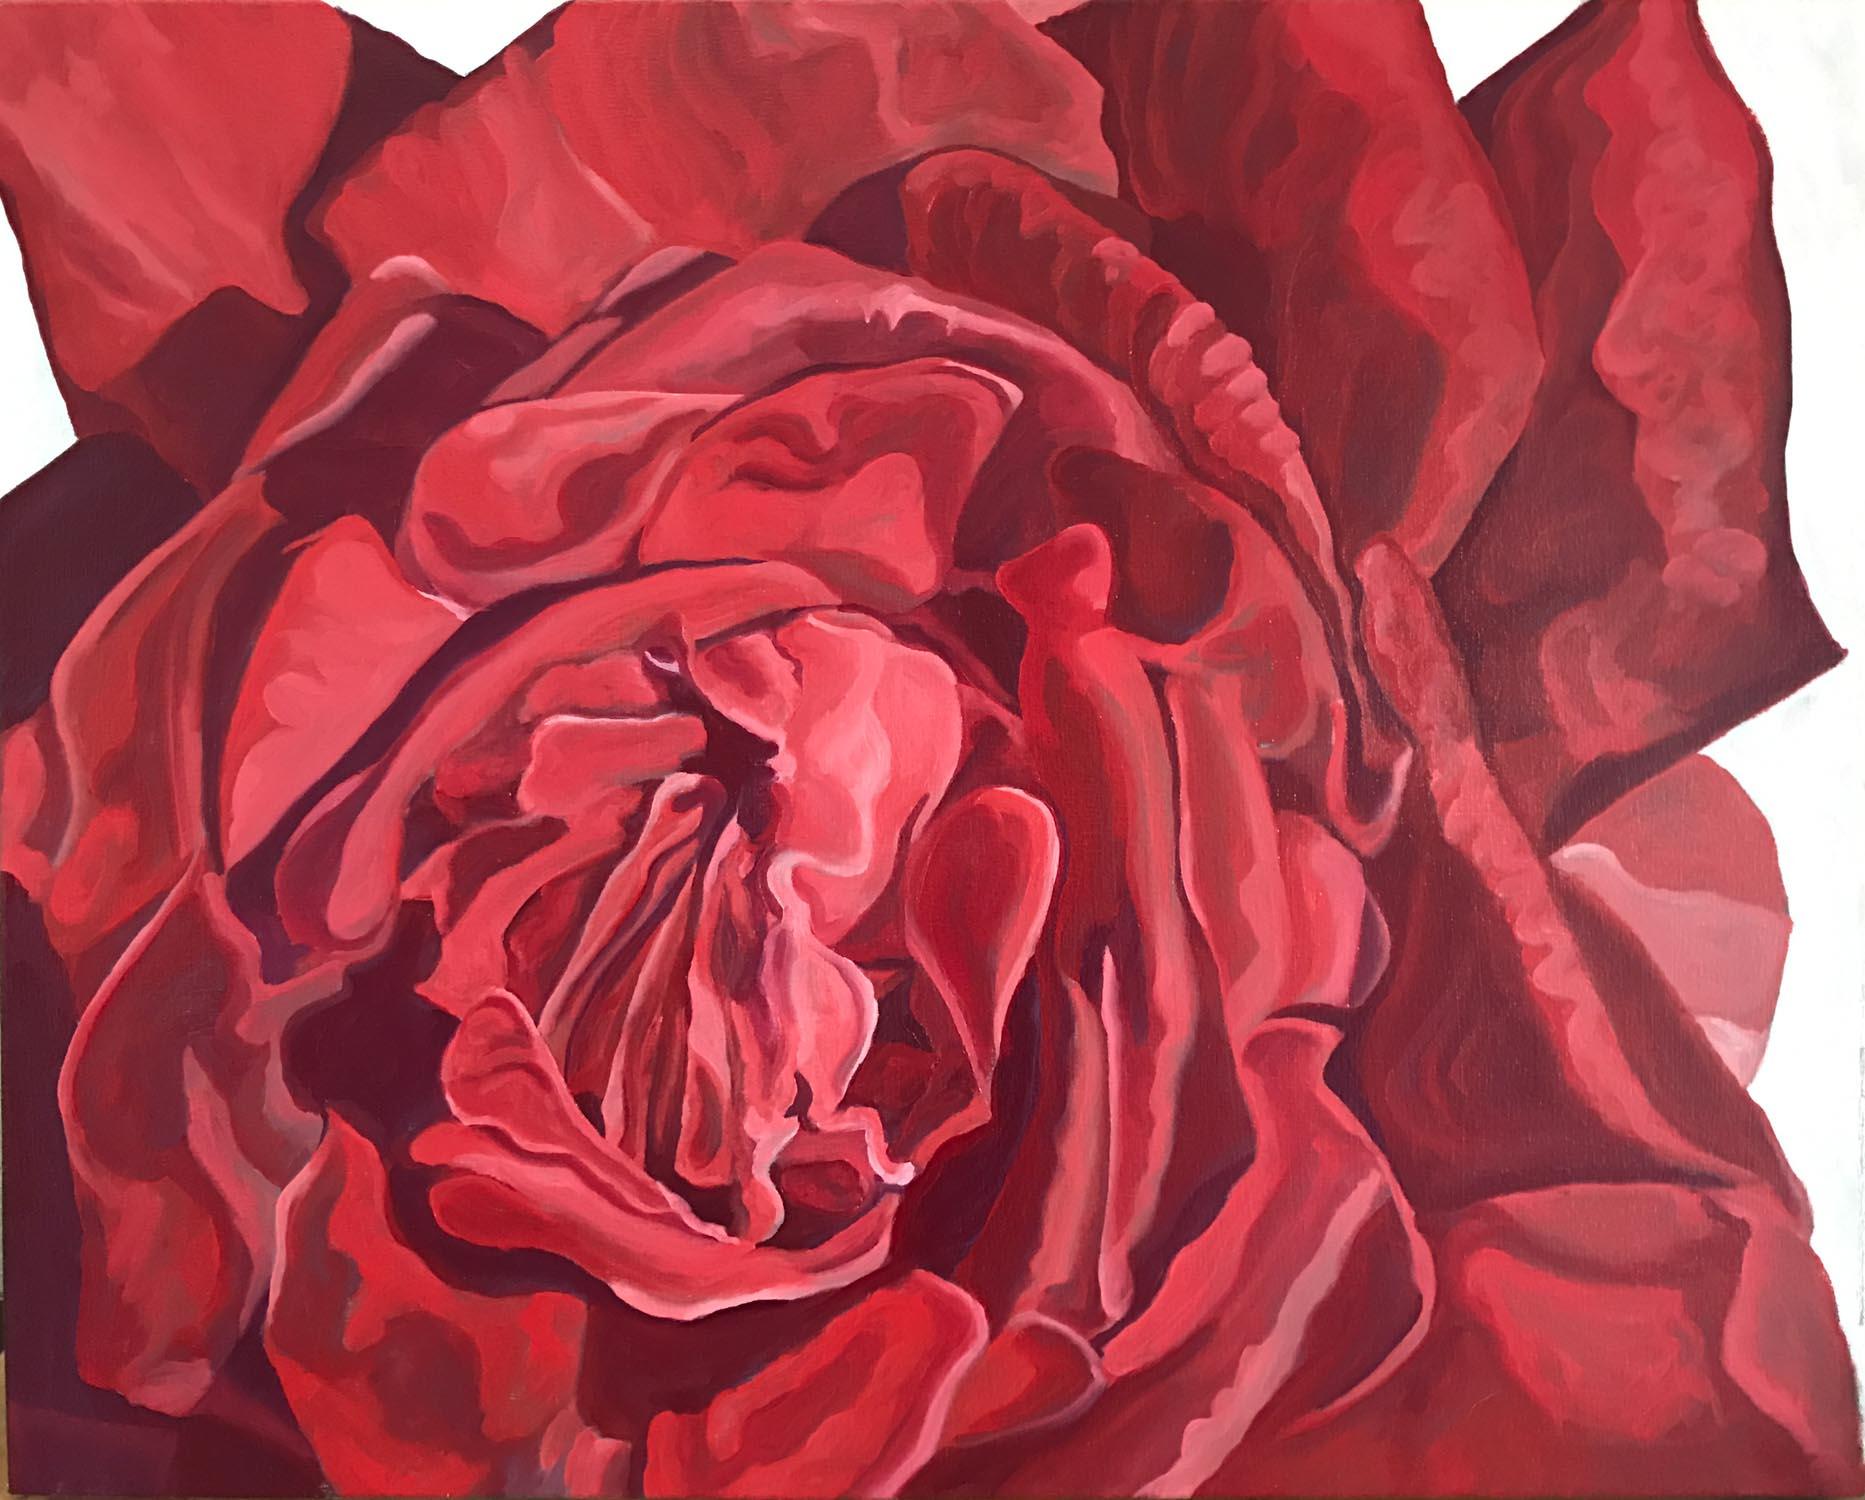 Rose in Cadmium Red and Quinacridone Violet